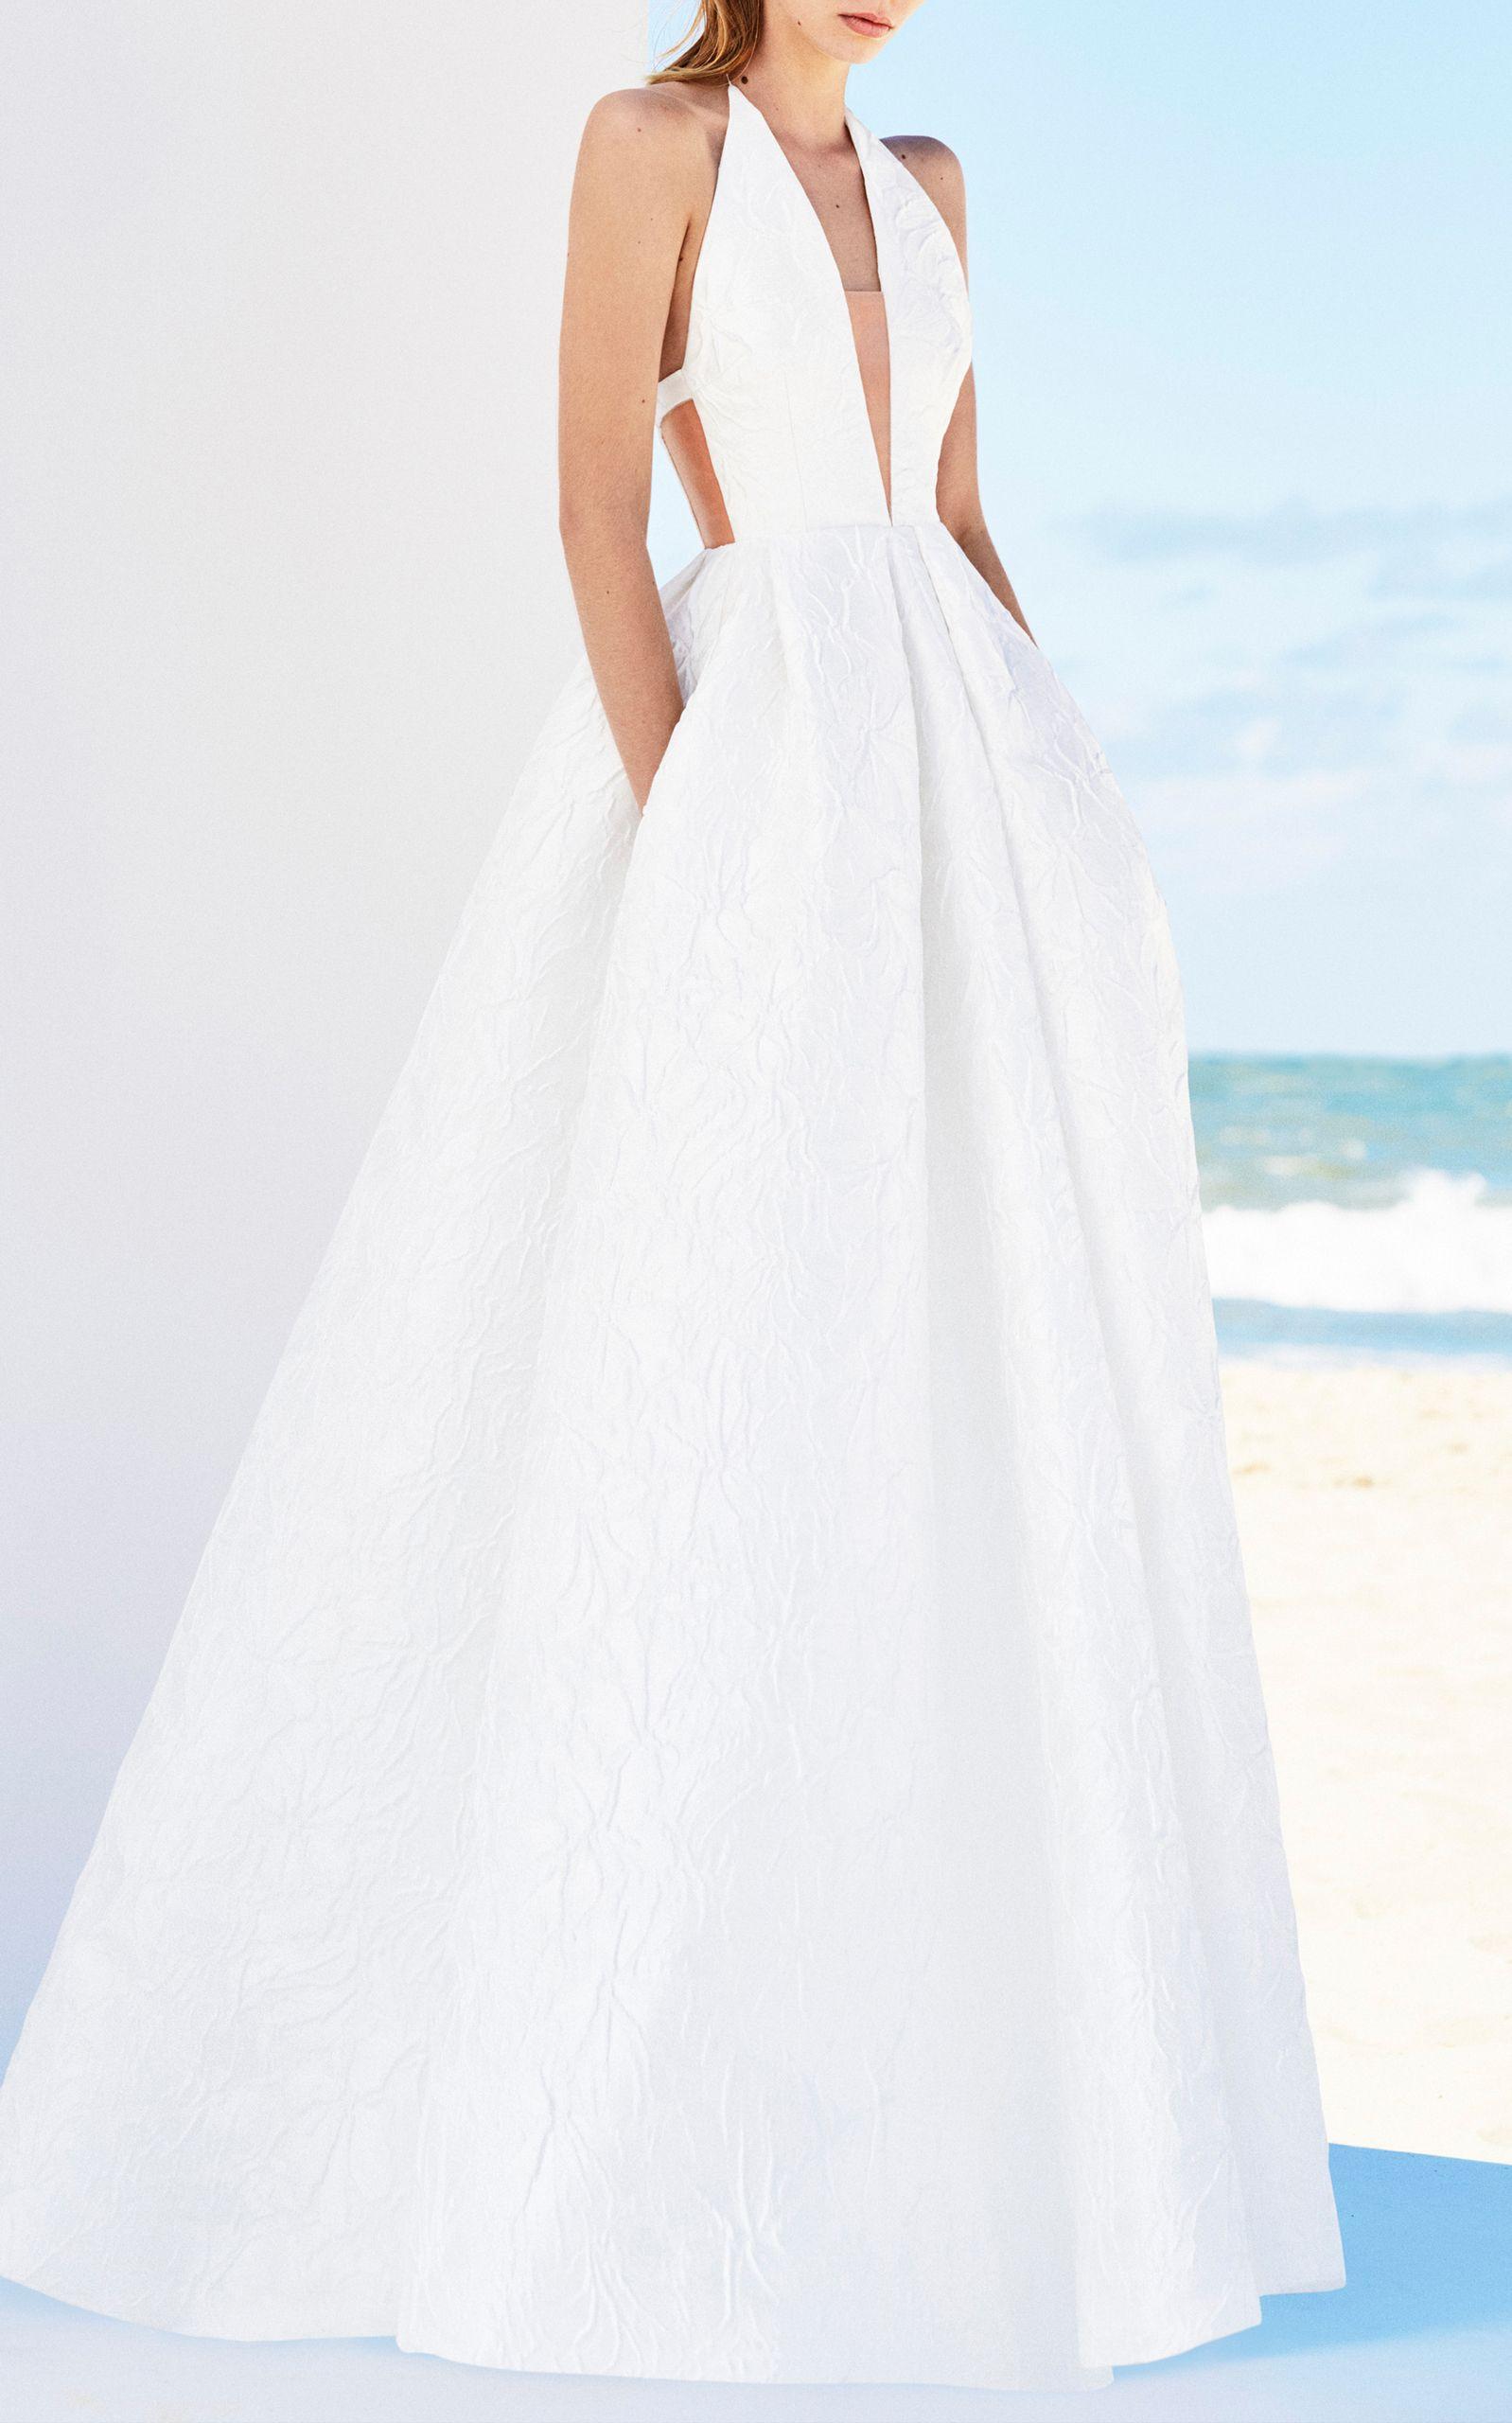 Gabrielleus amazing fantasy closet alex perryus glamorous white